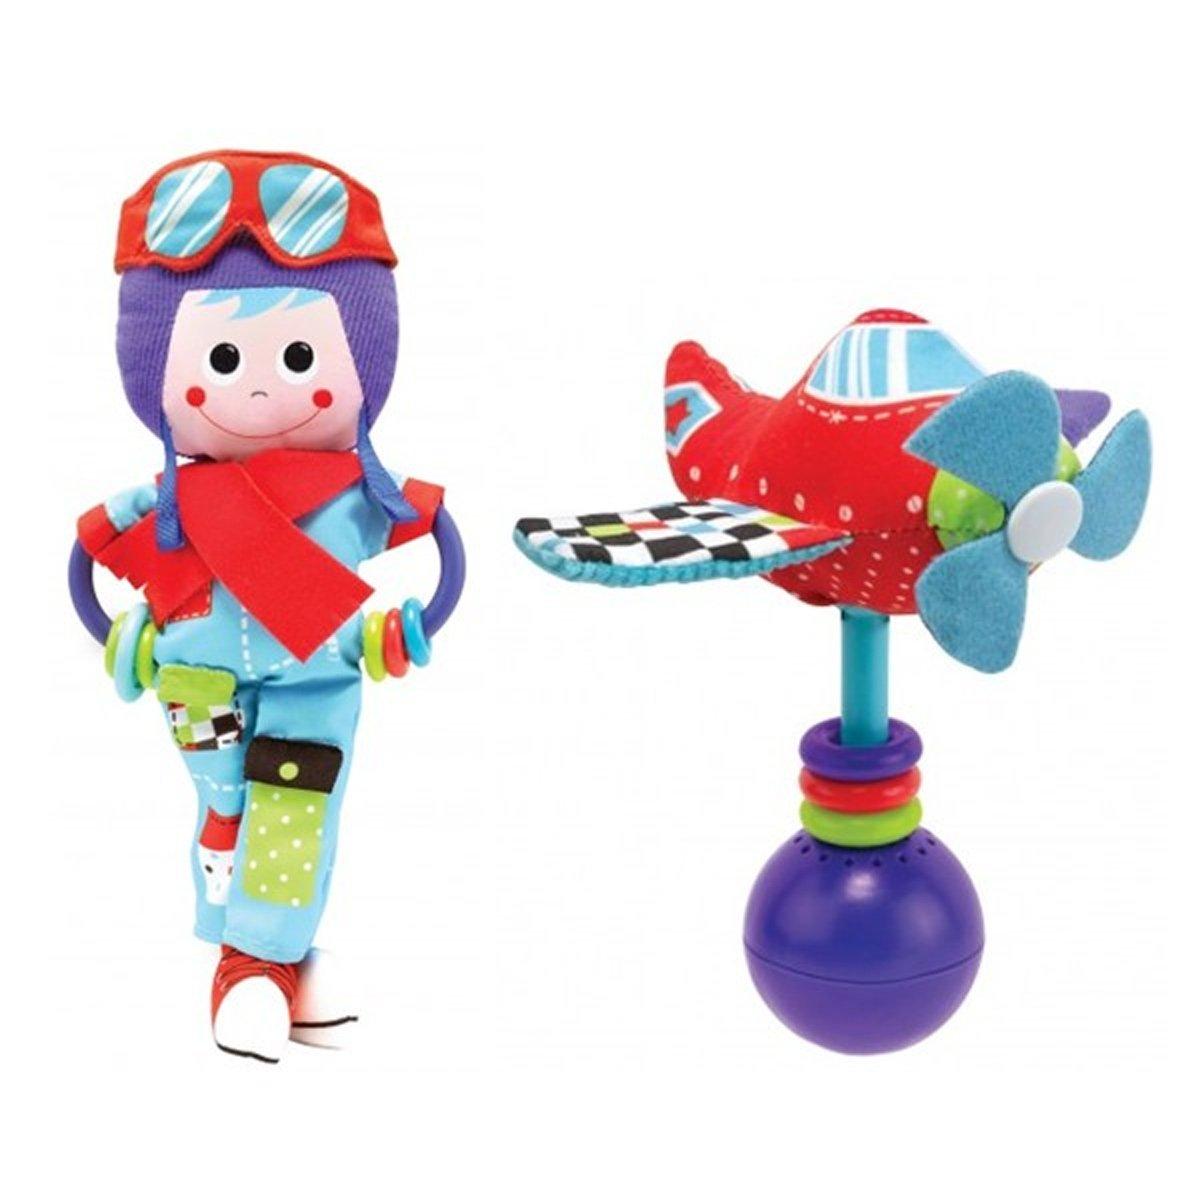 Игрушка-погремушка Yookidoo Пилот40130Игрушка-погремушка Yookidoo Пилот выполнена в ярком и красочном дизайне, который обязательно понравится малышу. Ребенок будет с удовольствием рассматривать свою первую и очень забавную игрушку. Игрушка изготовлена из материалов различной текстуры для тренировки моторики пальчиков и развития тактильных ощущений. К Пилоту крепится прорезыватель с разноцветными колечками, который непременно понадобится для чещушихся зубиков крохи. В комплект также входит музыкальная погремушка Вертолет, при встряхивании которой звучат смешные звуки. Крылья вертолета и очки пилота шуршат при прикосновении. При необходимости, игрушки можно подвесить в коляску или кроватку, используя пластиковые кольца, входящие в комплект. С такой игрушкой малыш разовьет моторику рук, тактильные ощущения, слуховое восприятие. Рекомендуется докупить 3 батарейки напряжением 1,5V типа LR44 (товар комплектуется демонстрационными).